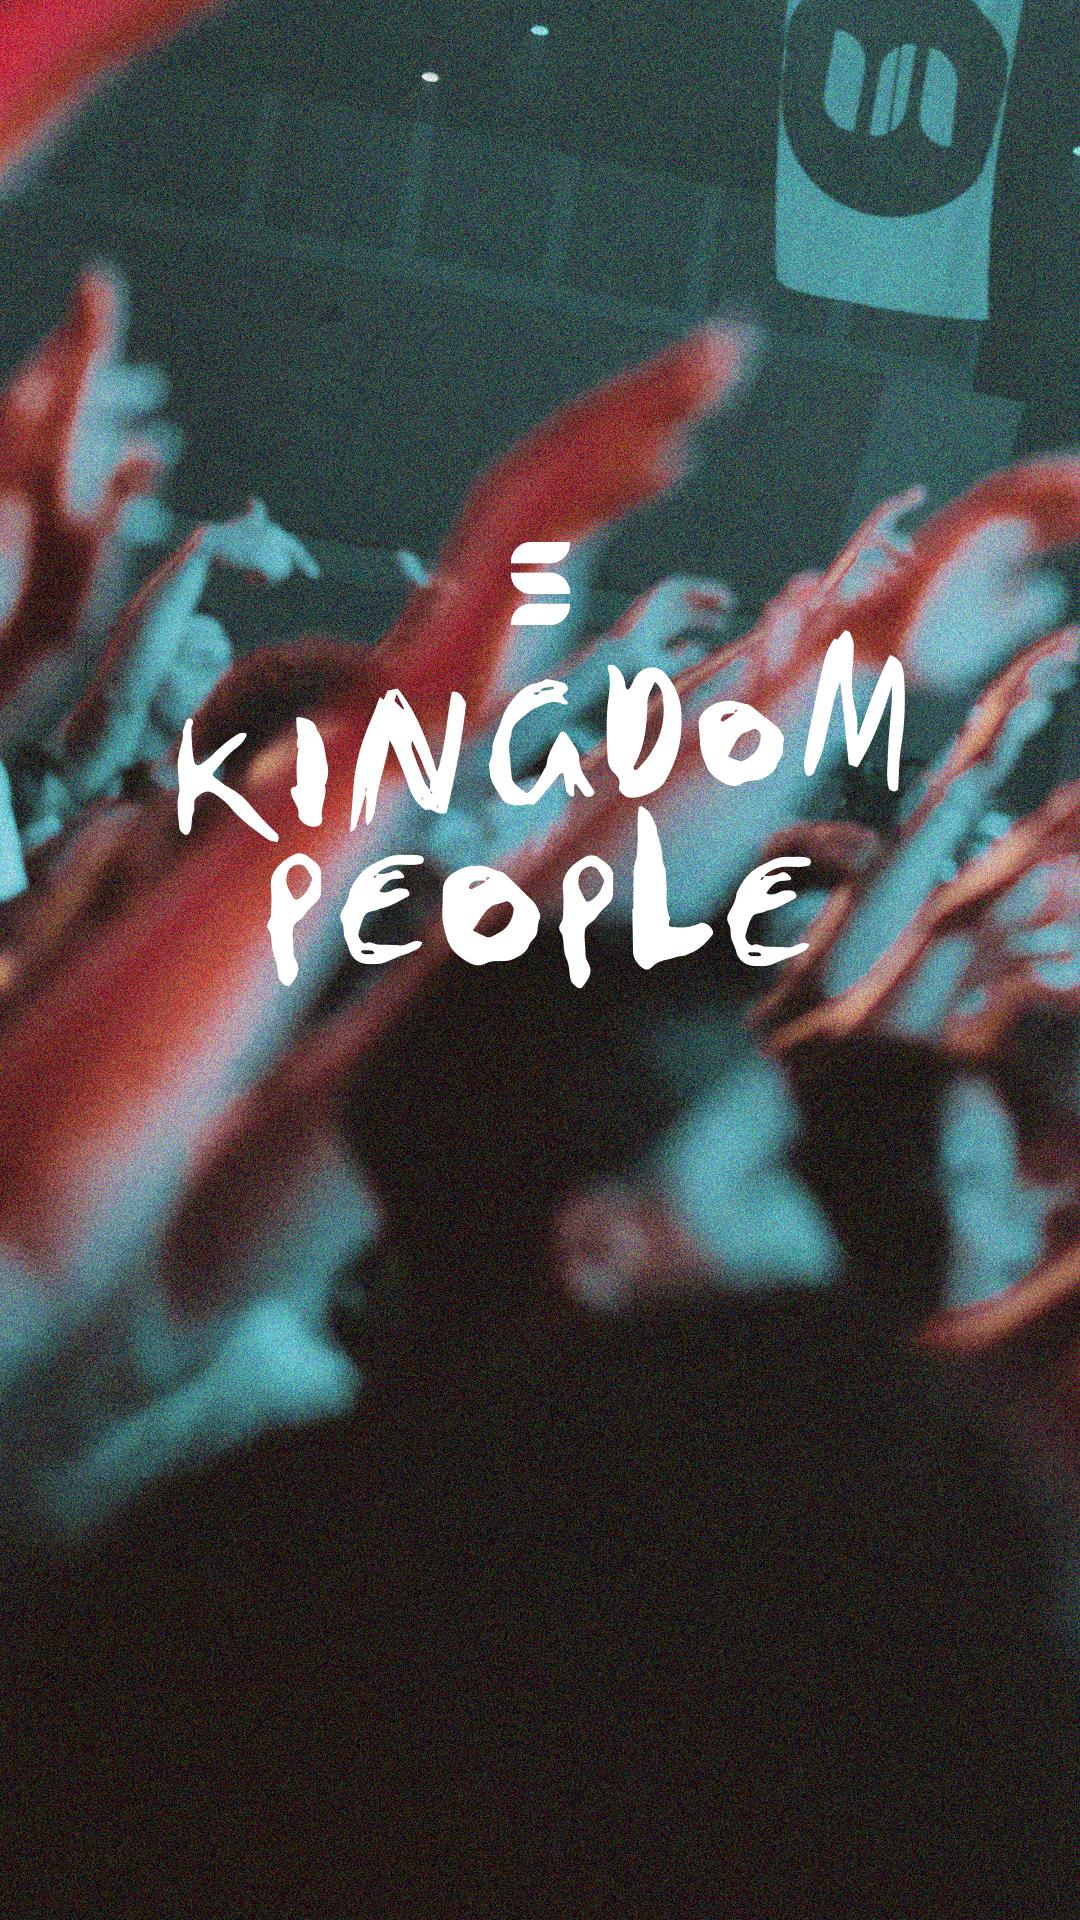 Kingdom People 4 Social Stories (JPG)